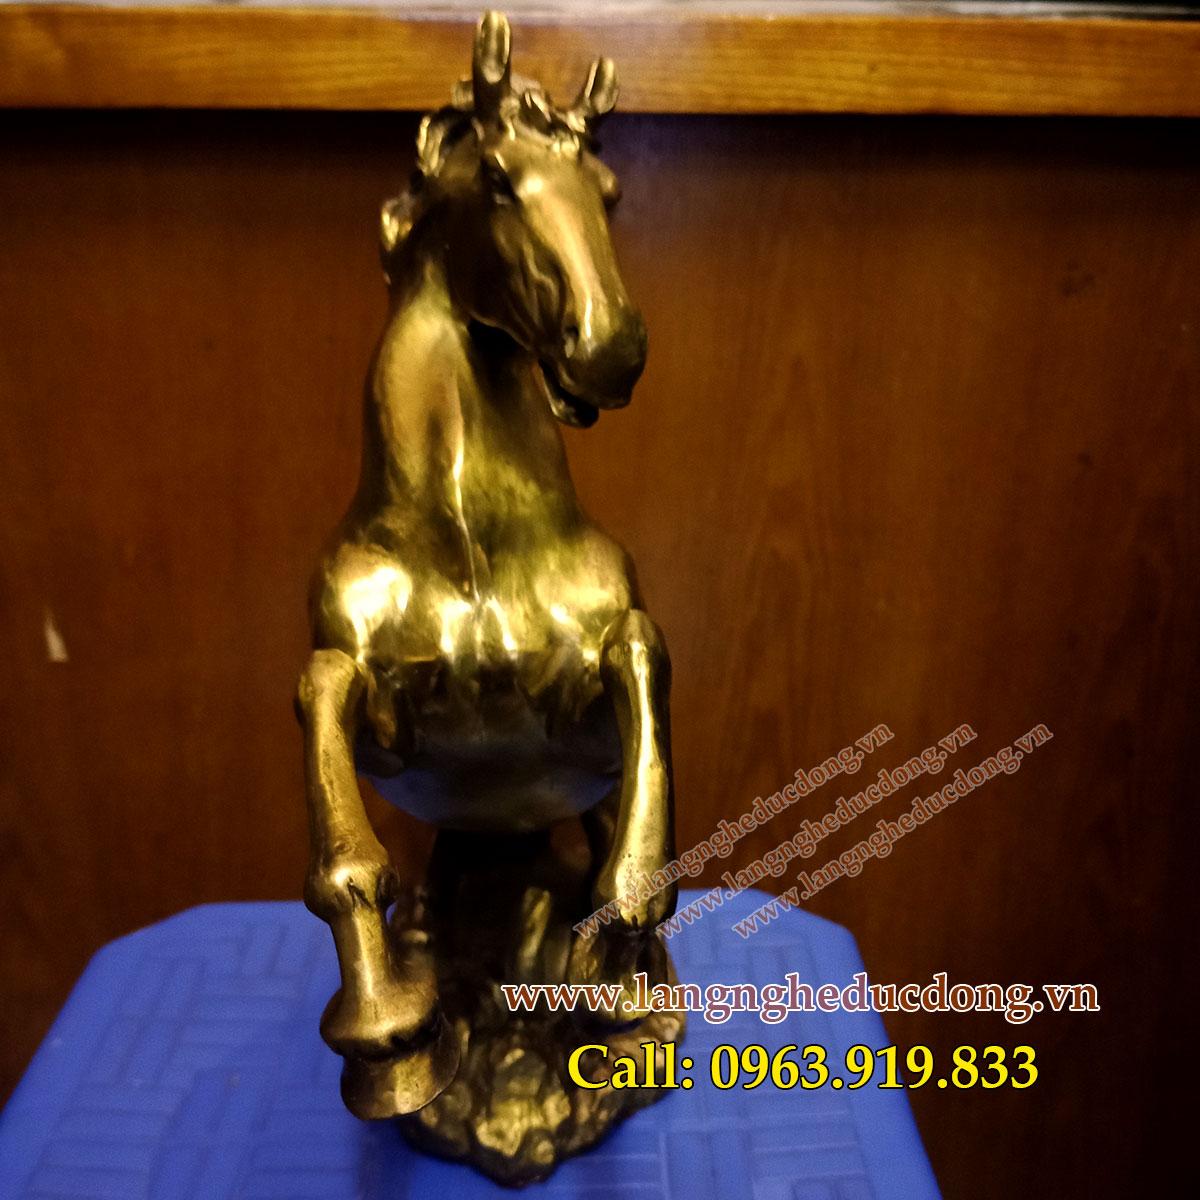 langngheducdong.vn - ngựa đồng, tượng ngựa bằng đồng, tượng ngựa đơn, mẫu tượng ngựa bằng đồng